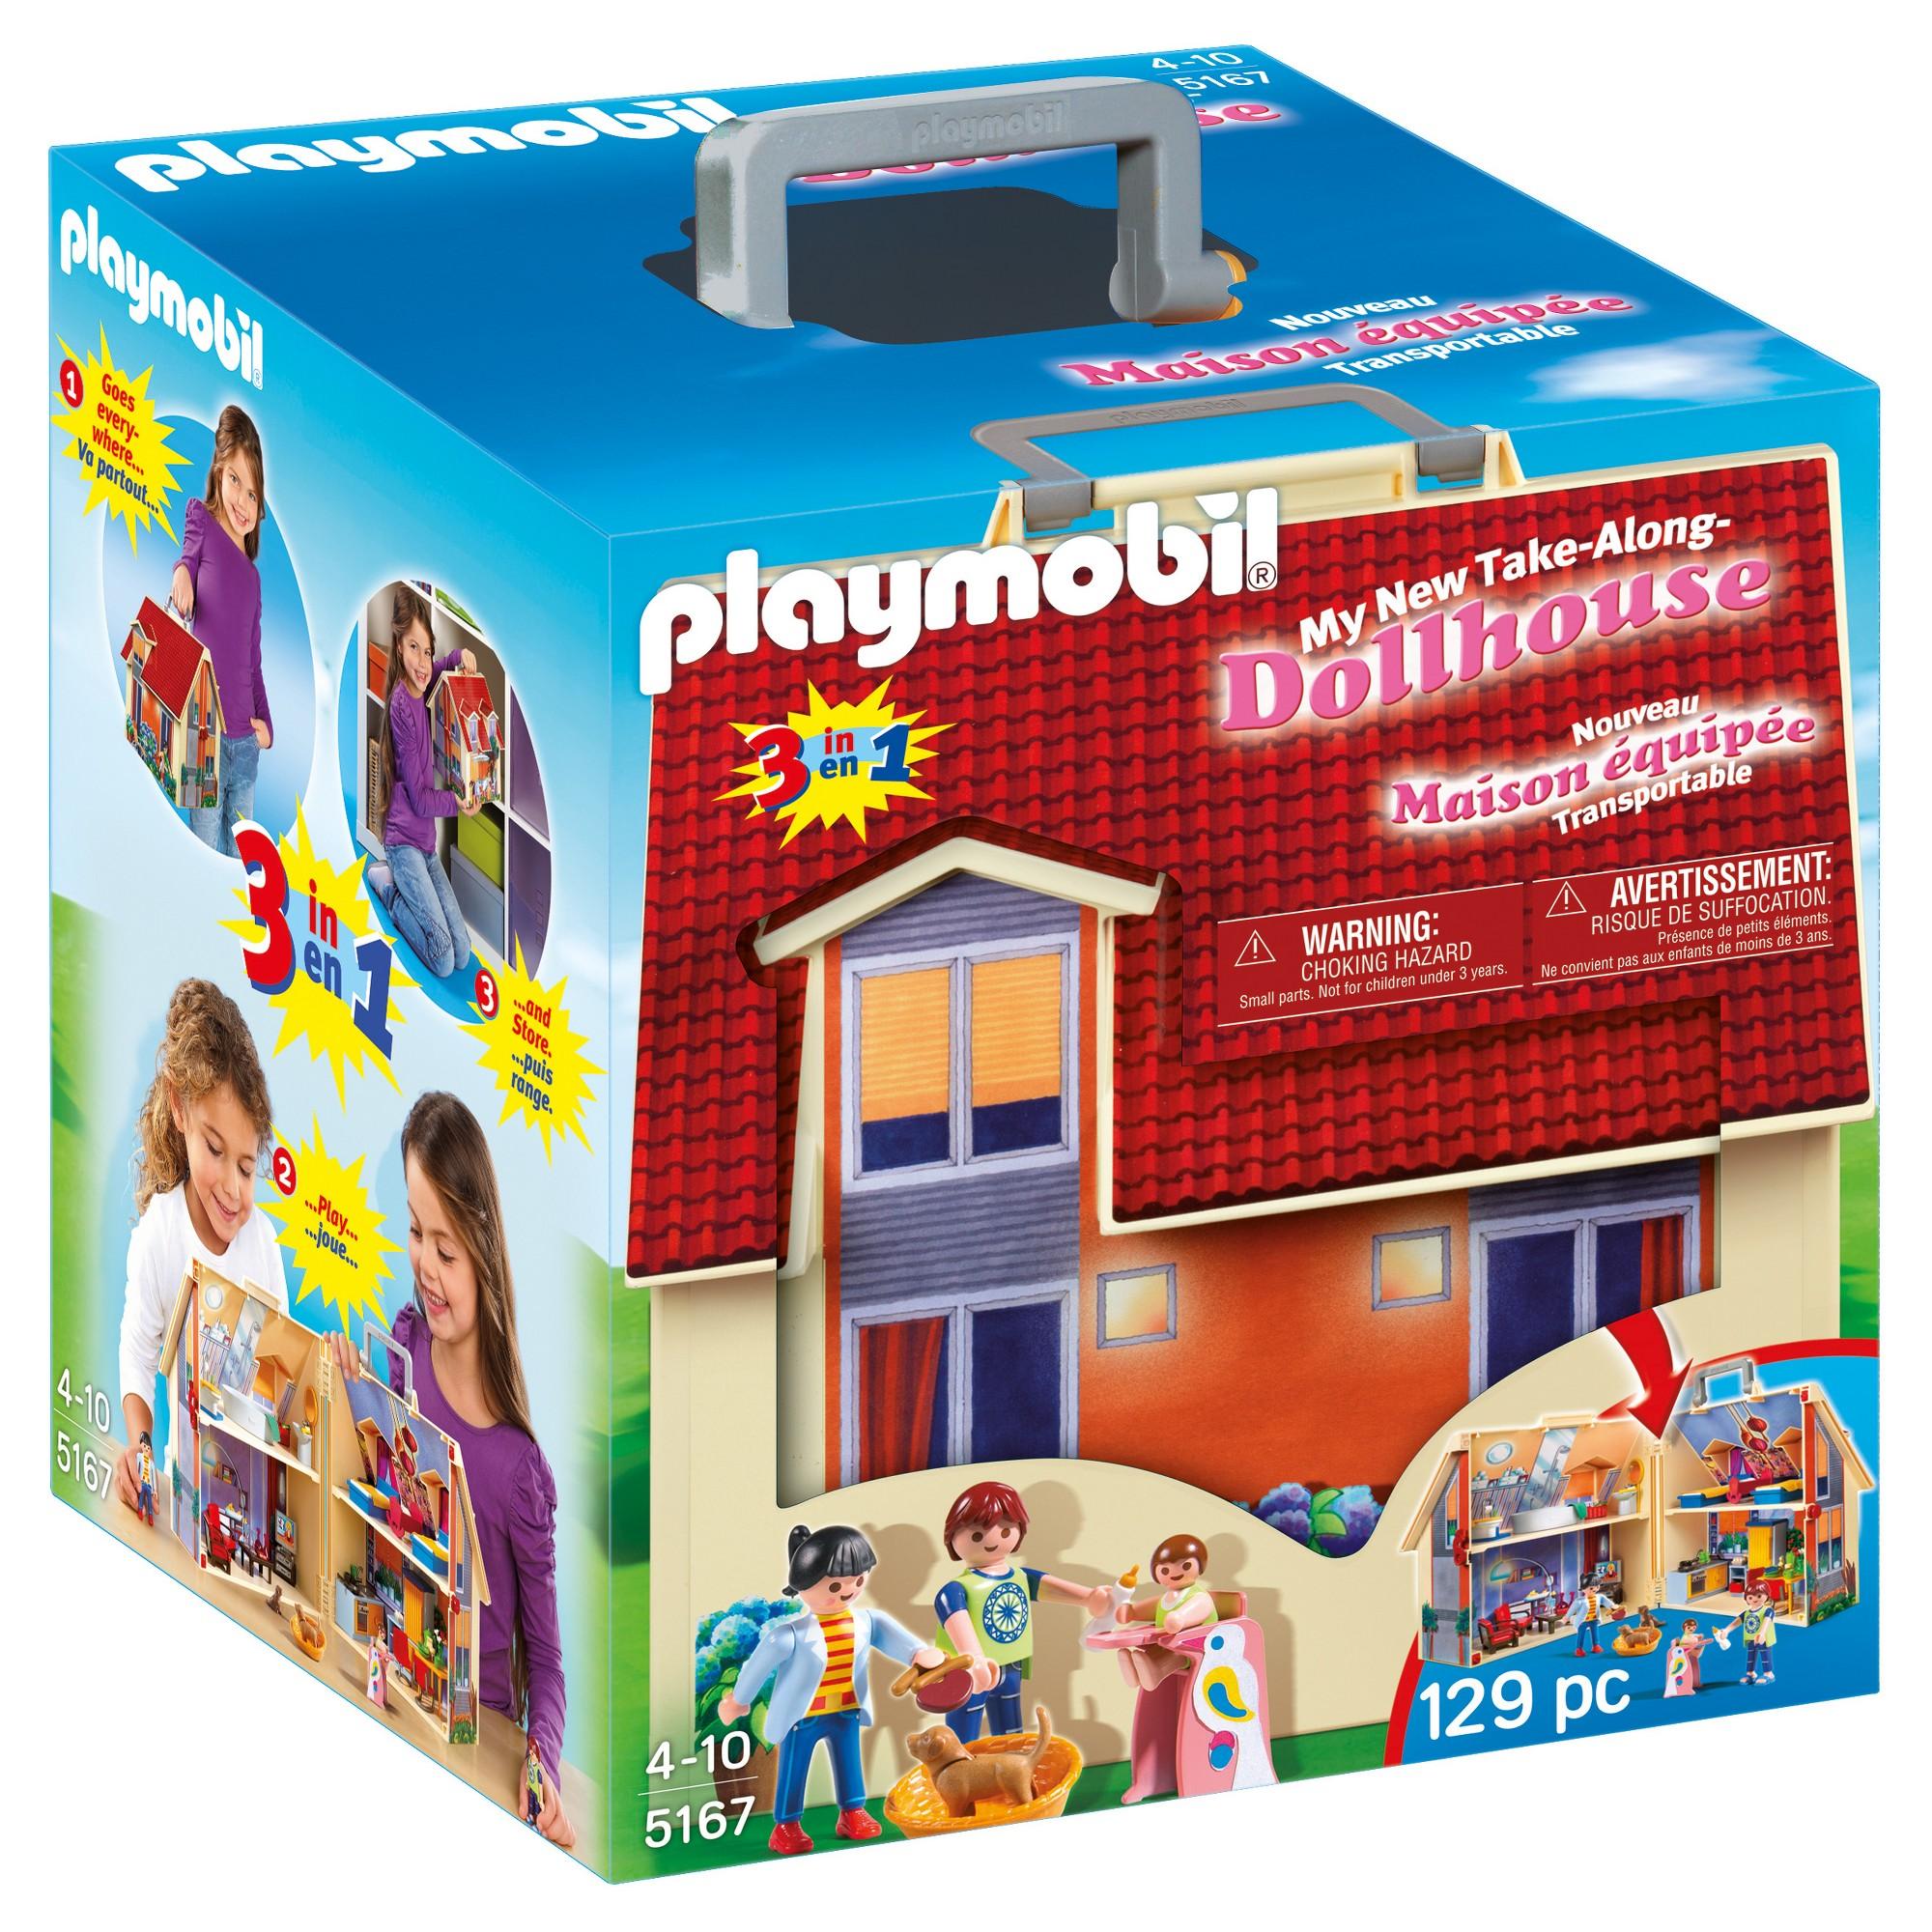 Playmobil Take Along Modern Dollhouse Playmobil Modern Dollhouse Doll Houses For Sale